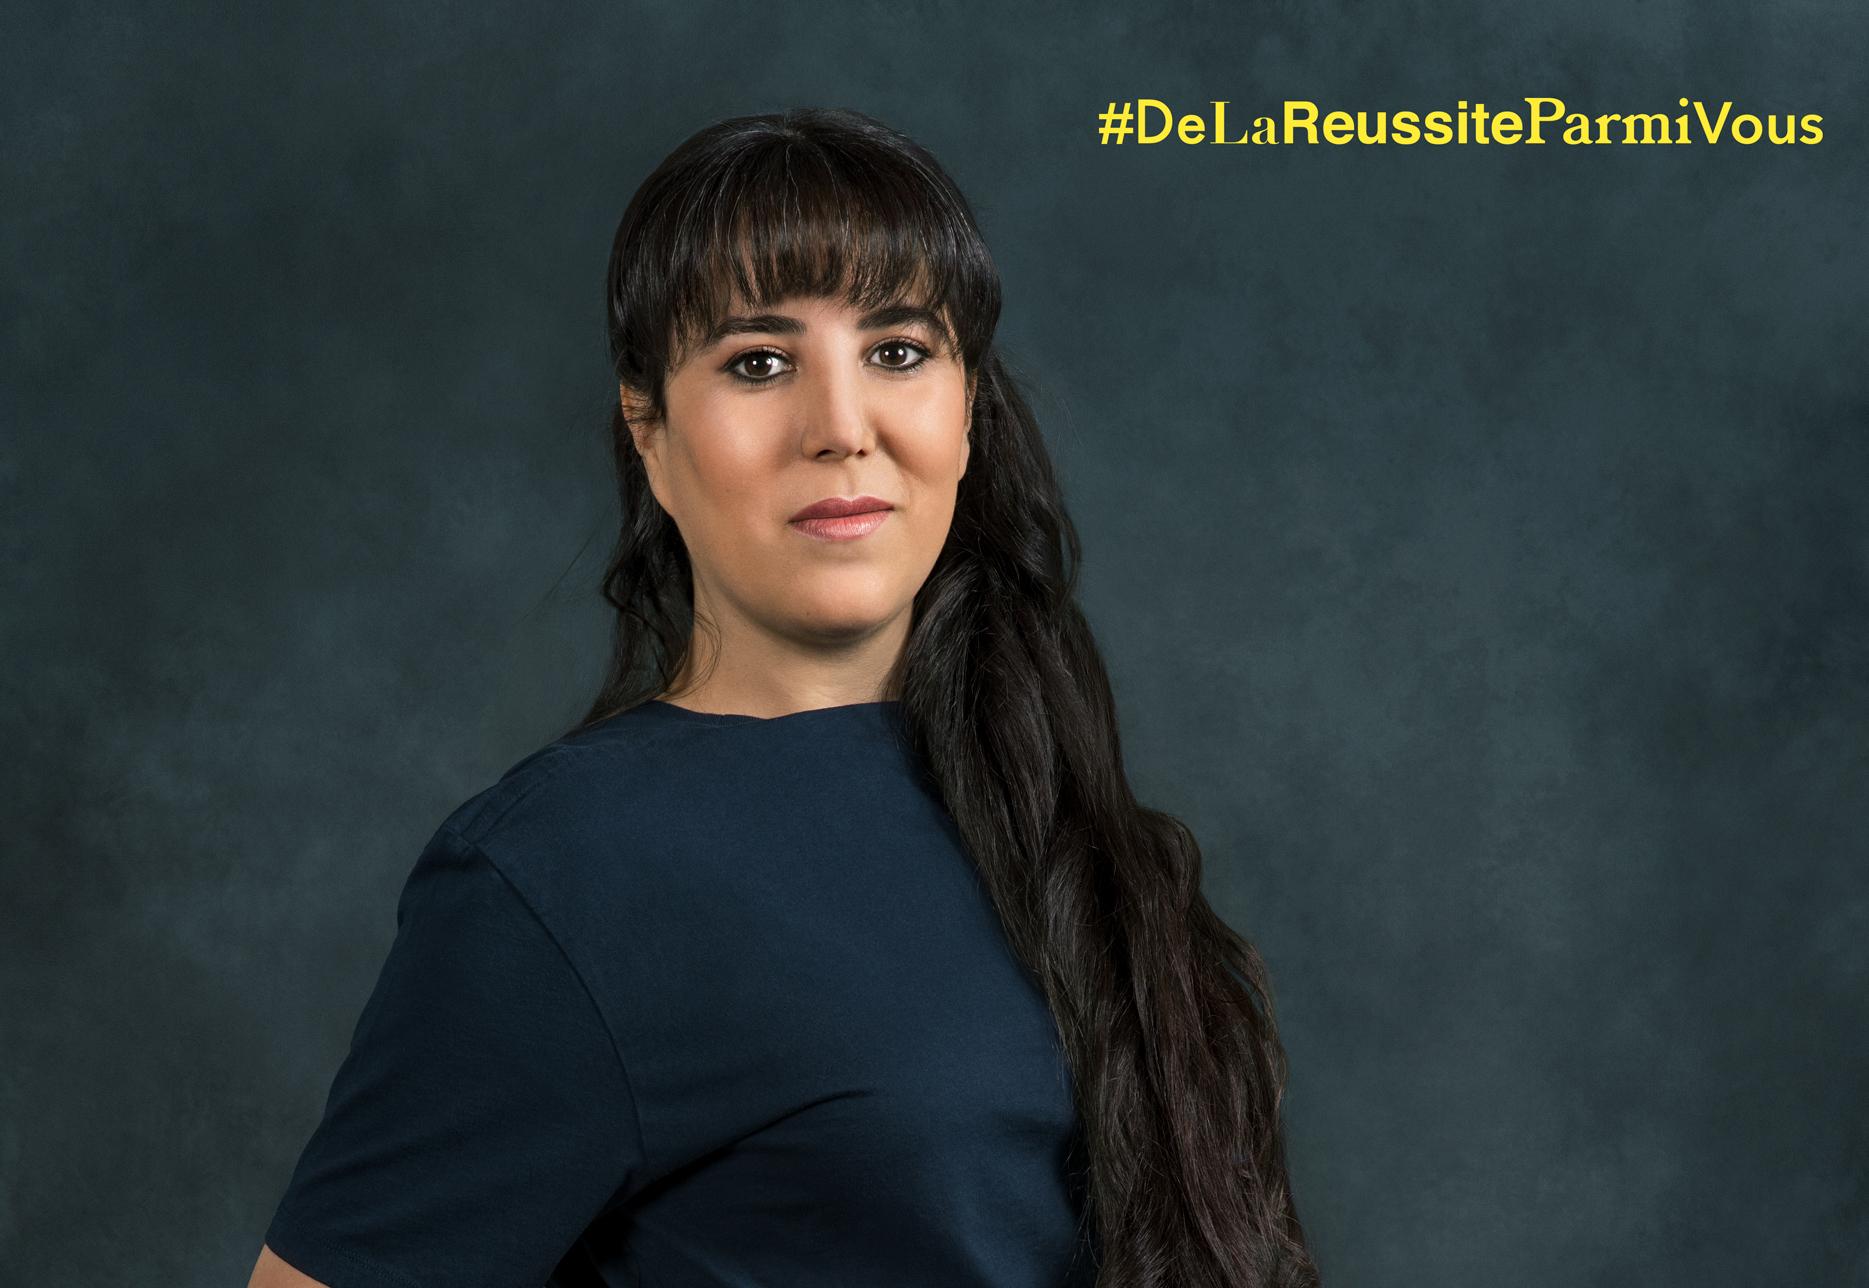 #DeLaReussiteParmiVous vous présente Doa Majouli